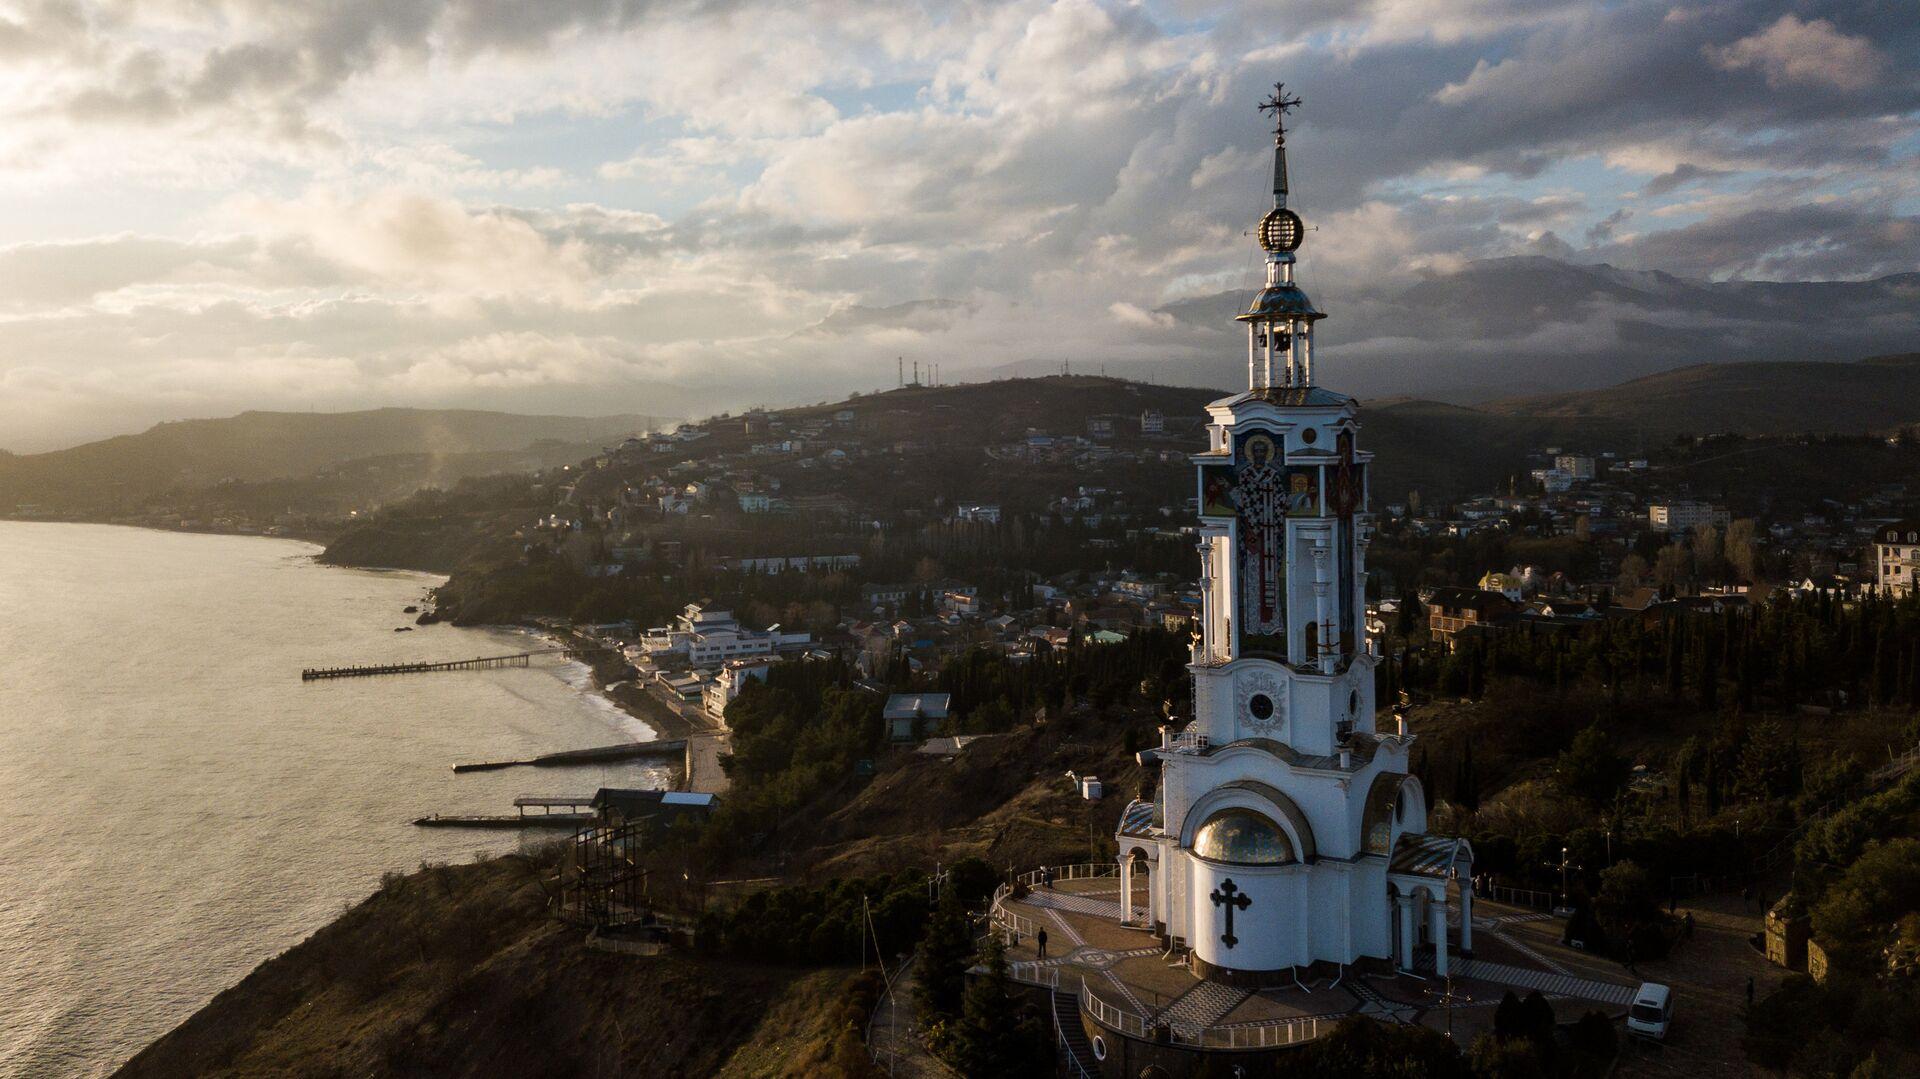 Храм-маяк в селе Малореченское, Крым - РИА Новости, 1920, 07.05.2019